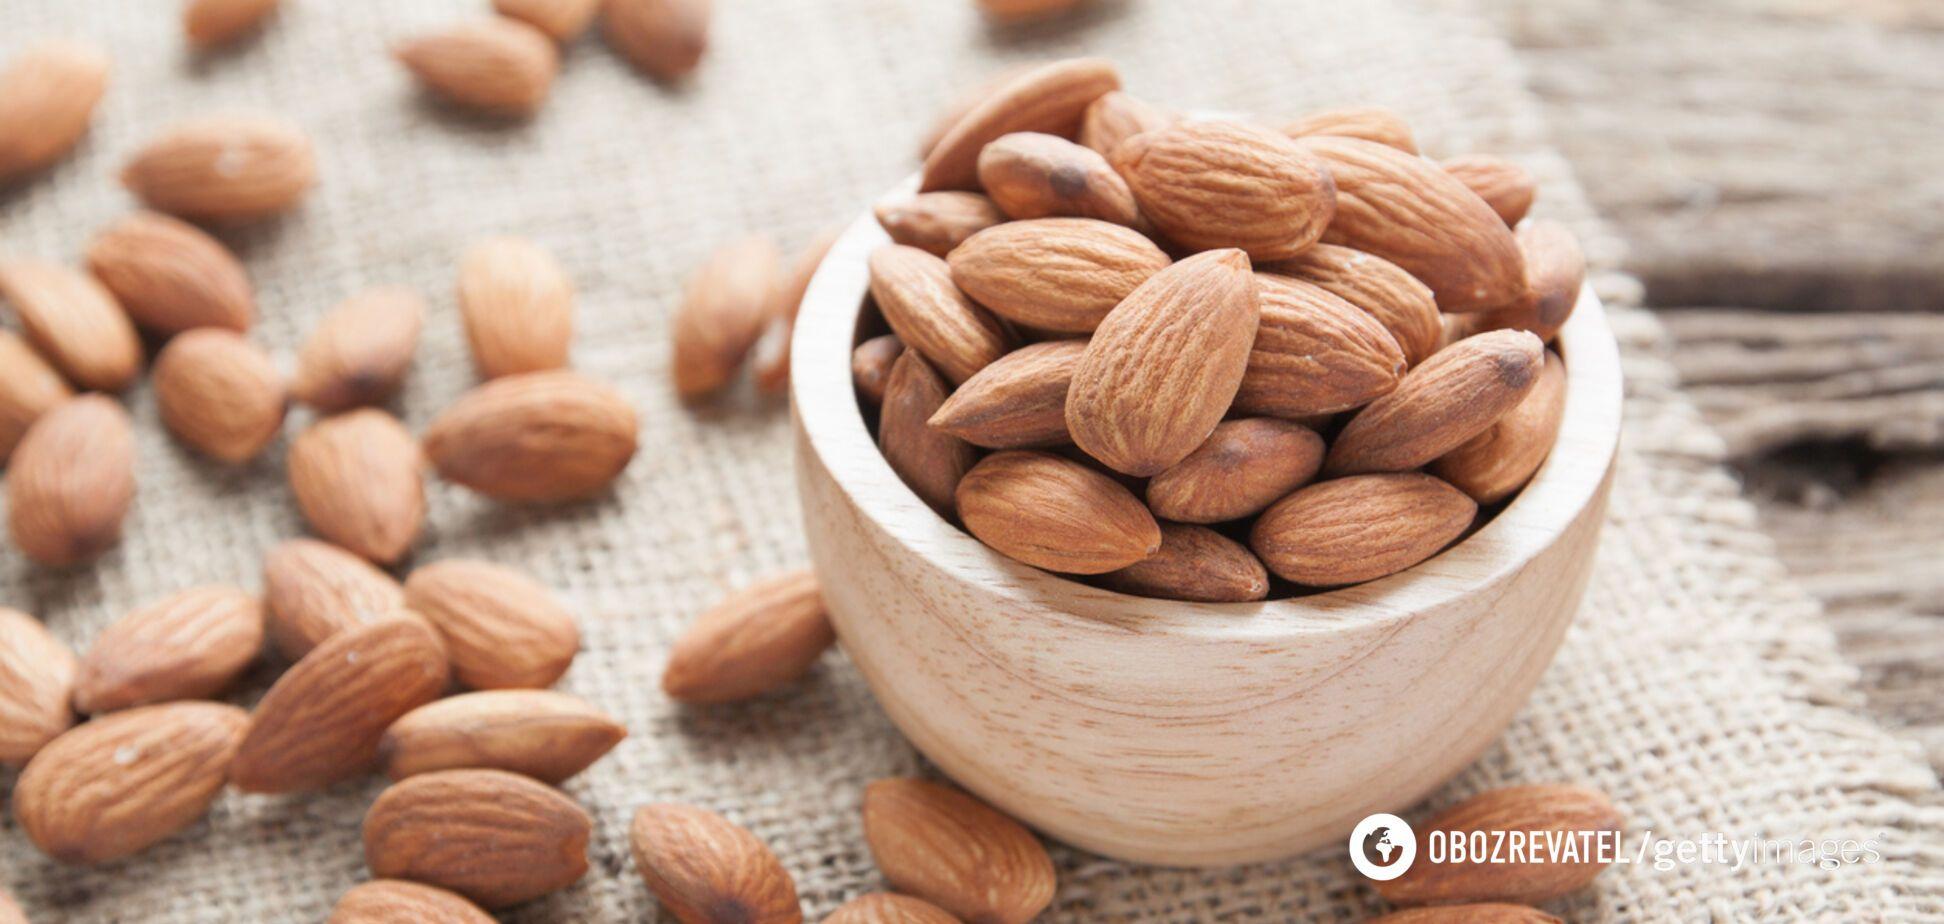 Названо 5 ідеальних продуктів для зниження кислотності шлунка